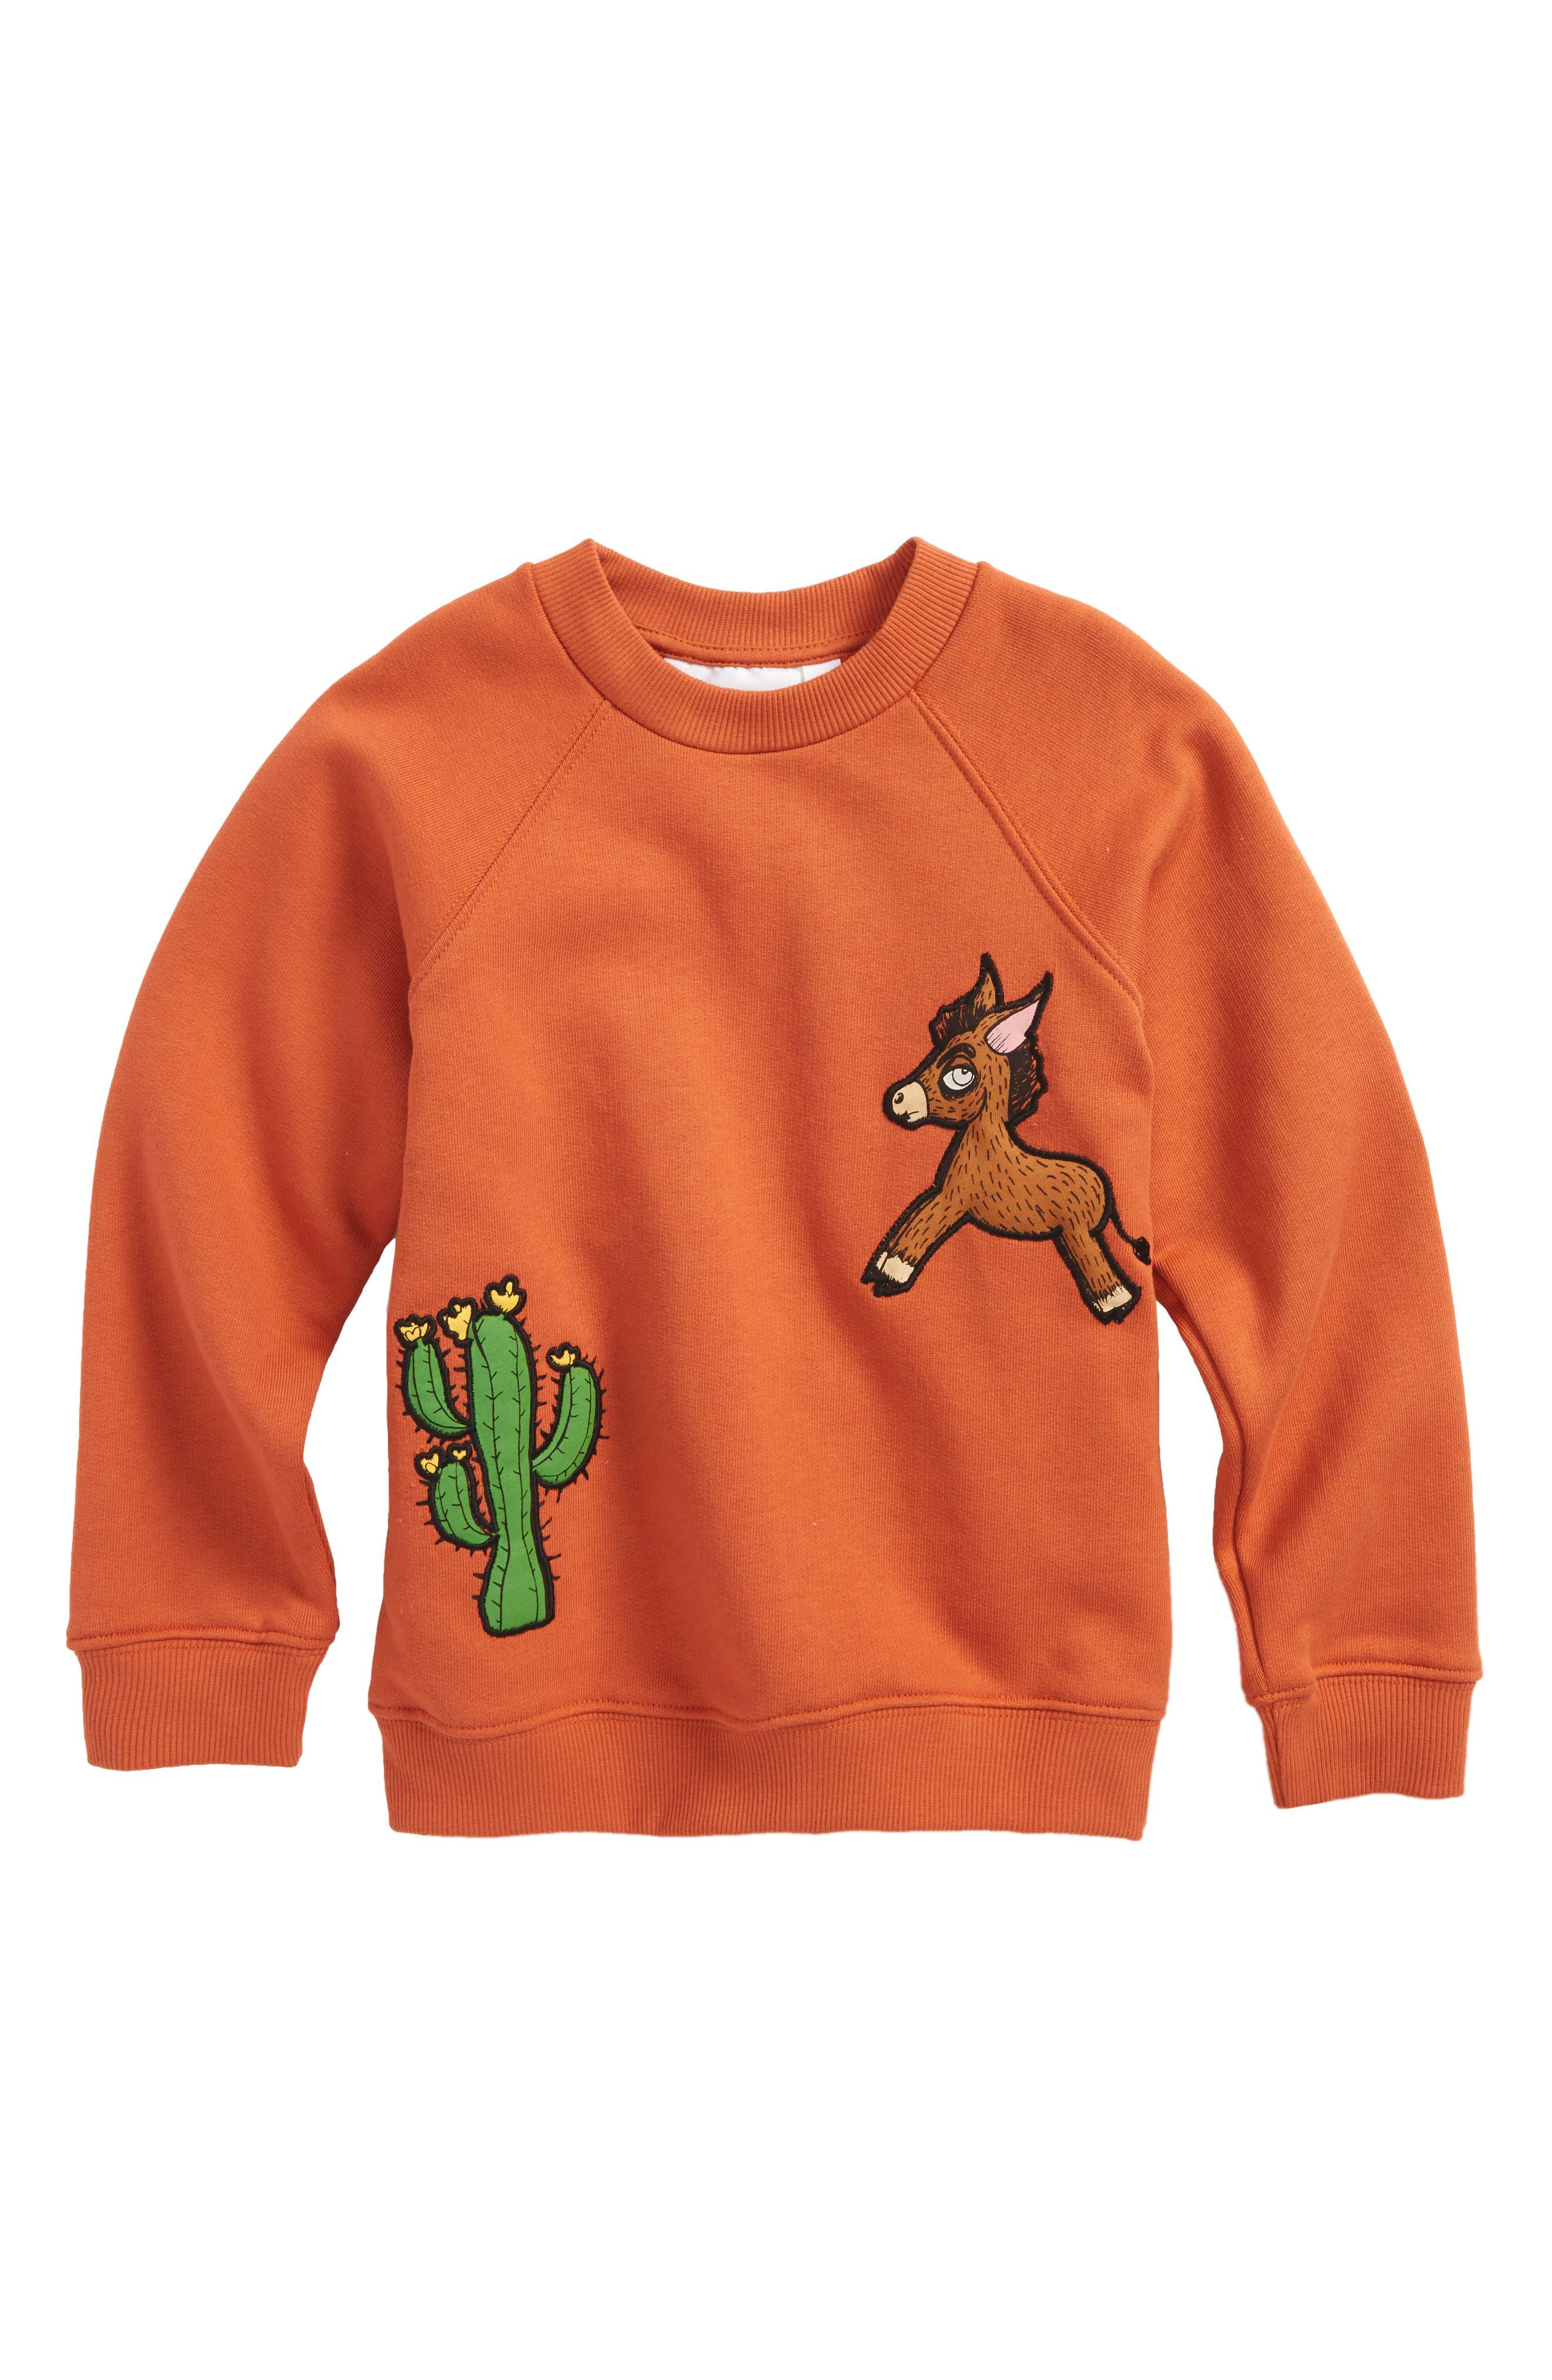 Donkey & Cactus Appliqué Organic Cotton Sweatshirt,                             Main thumbnail 1, color,                             800